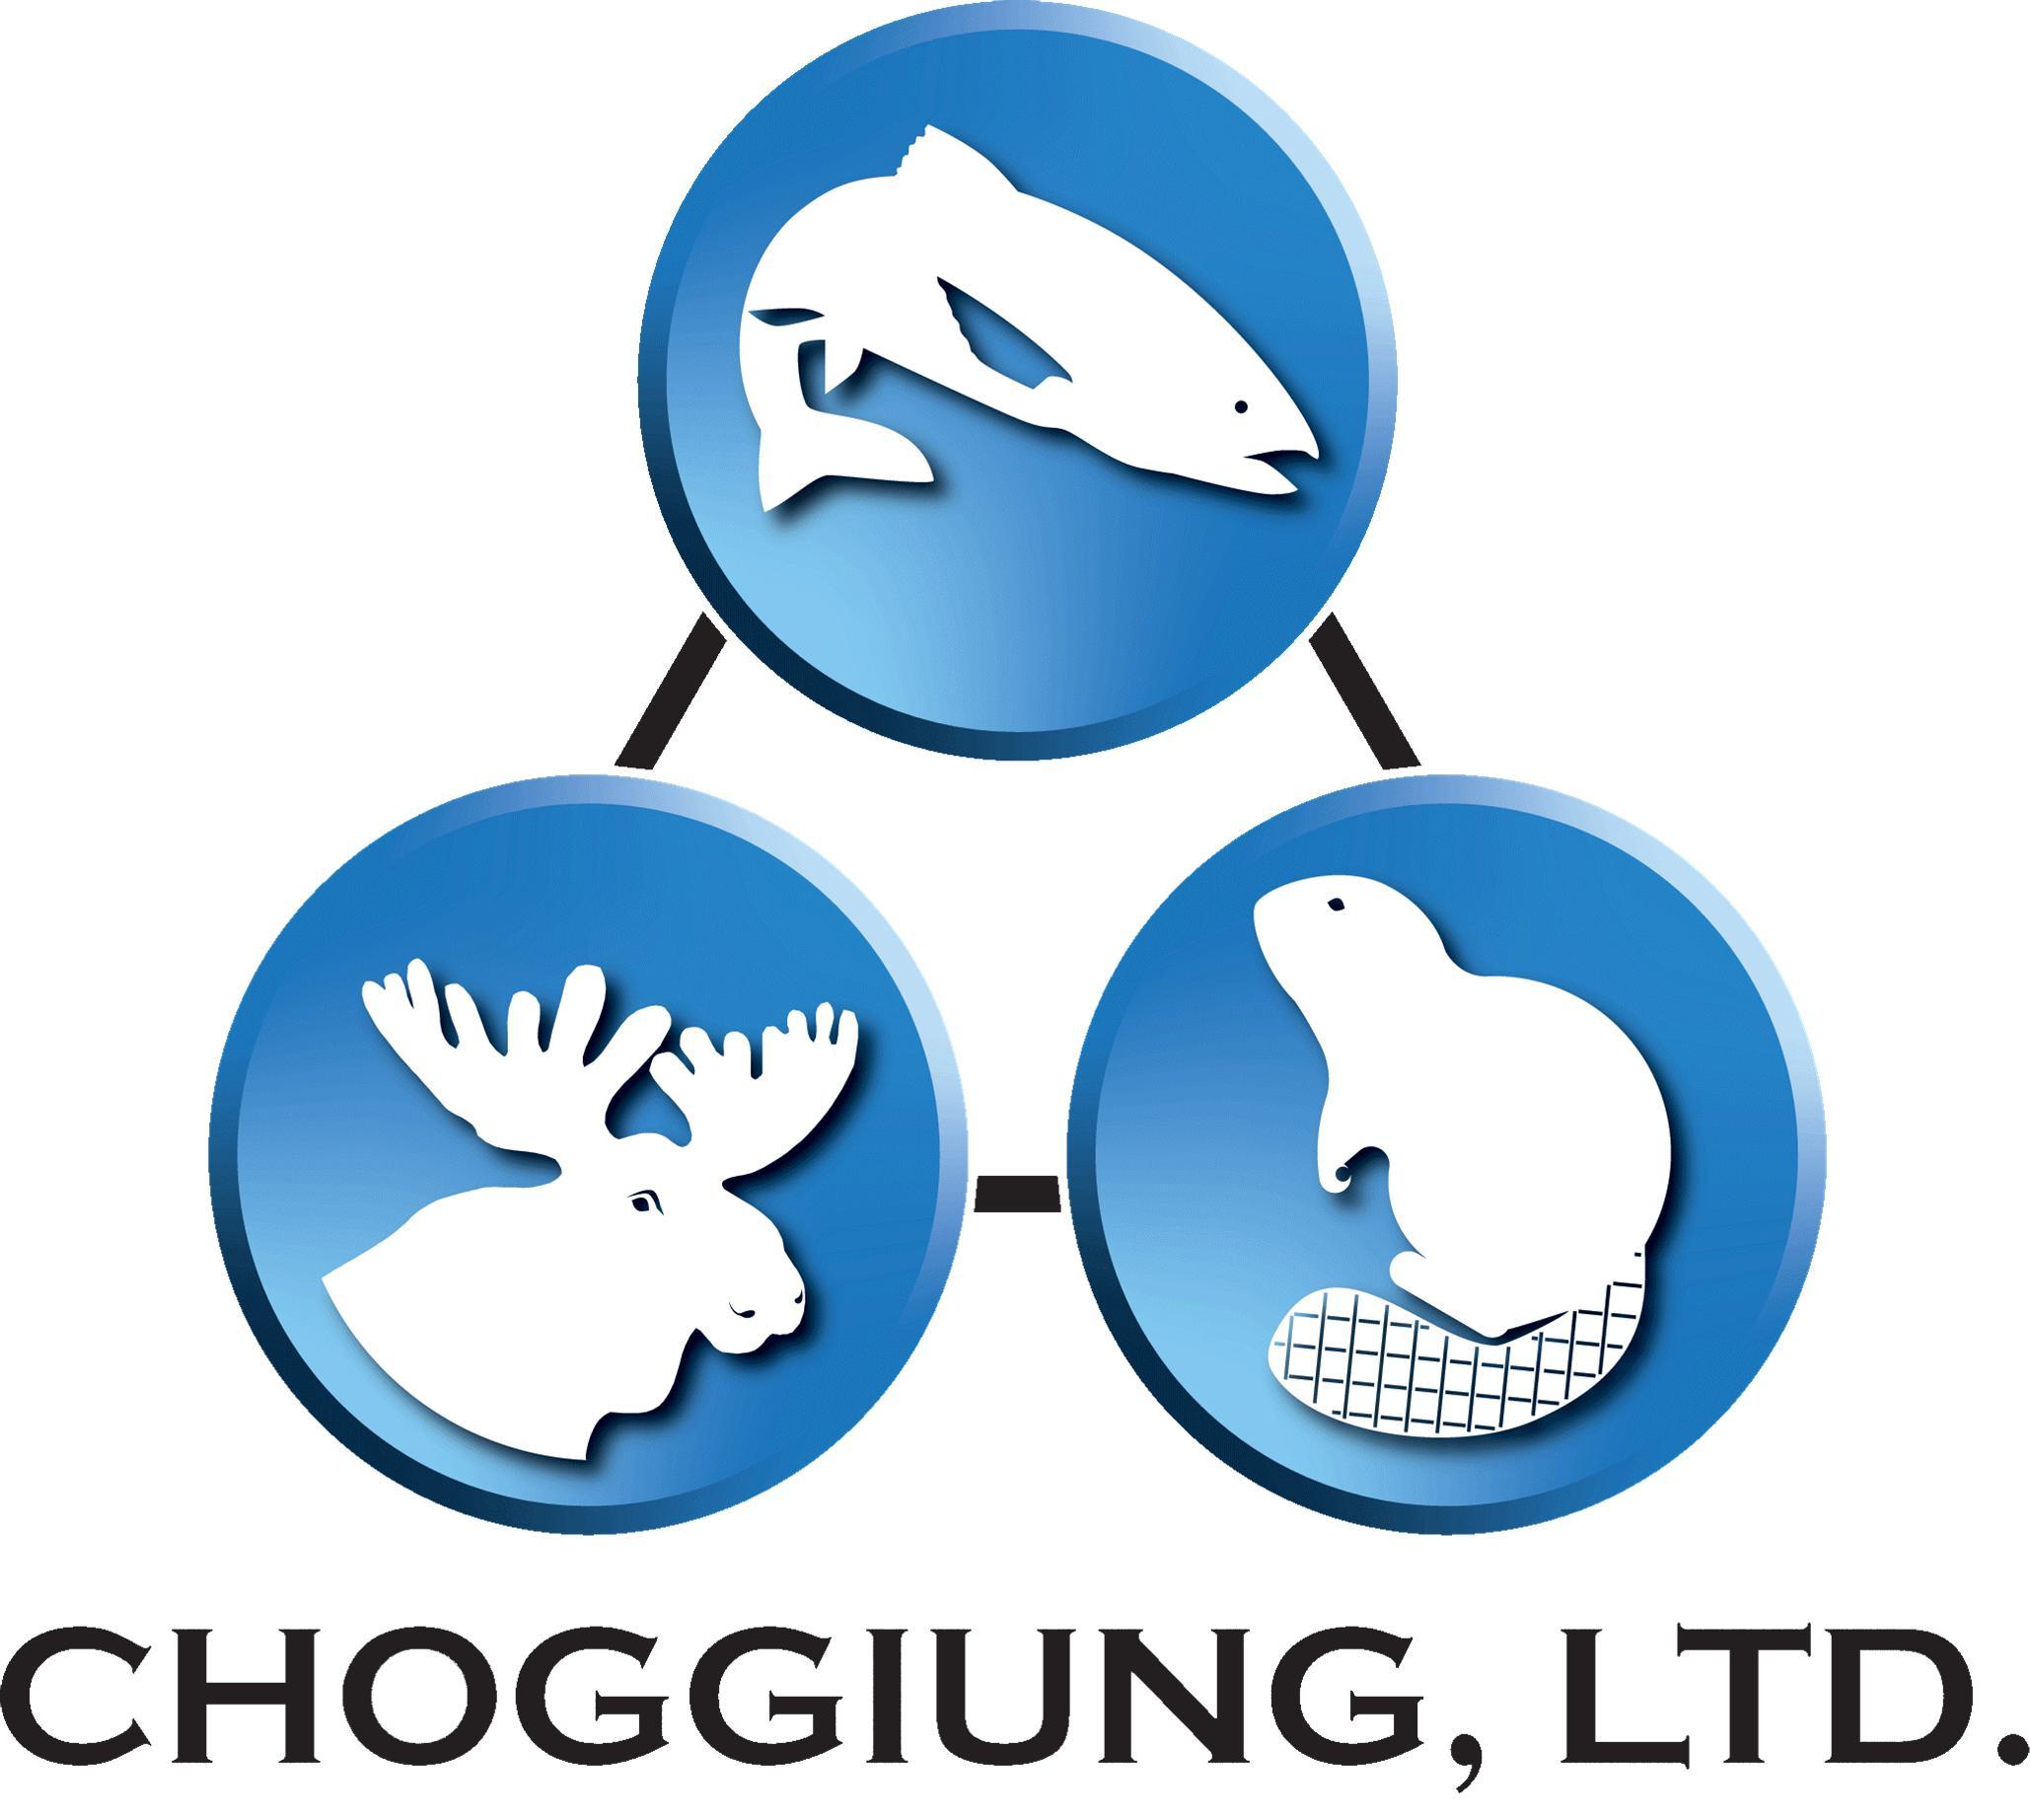 Choggiung Logo Transparent.jpg